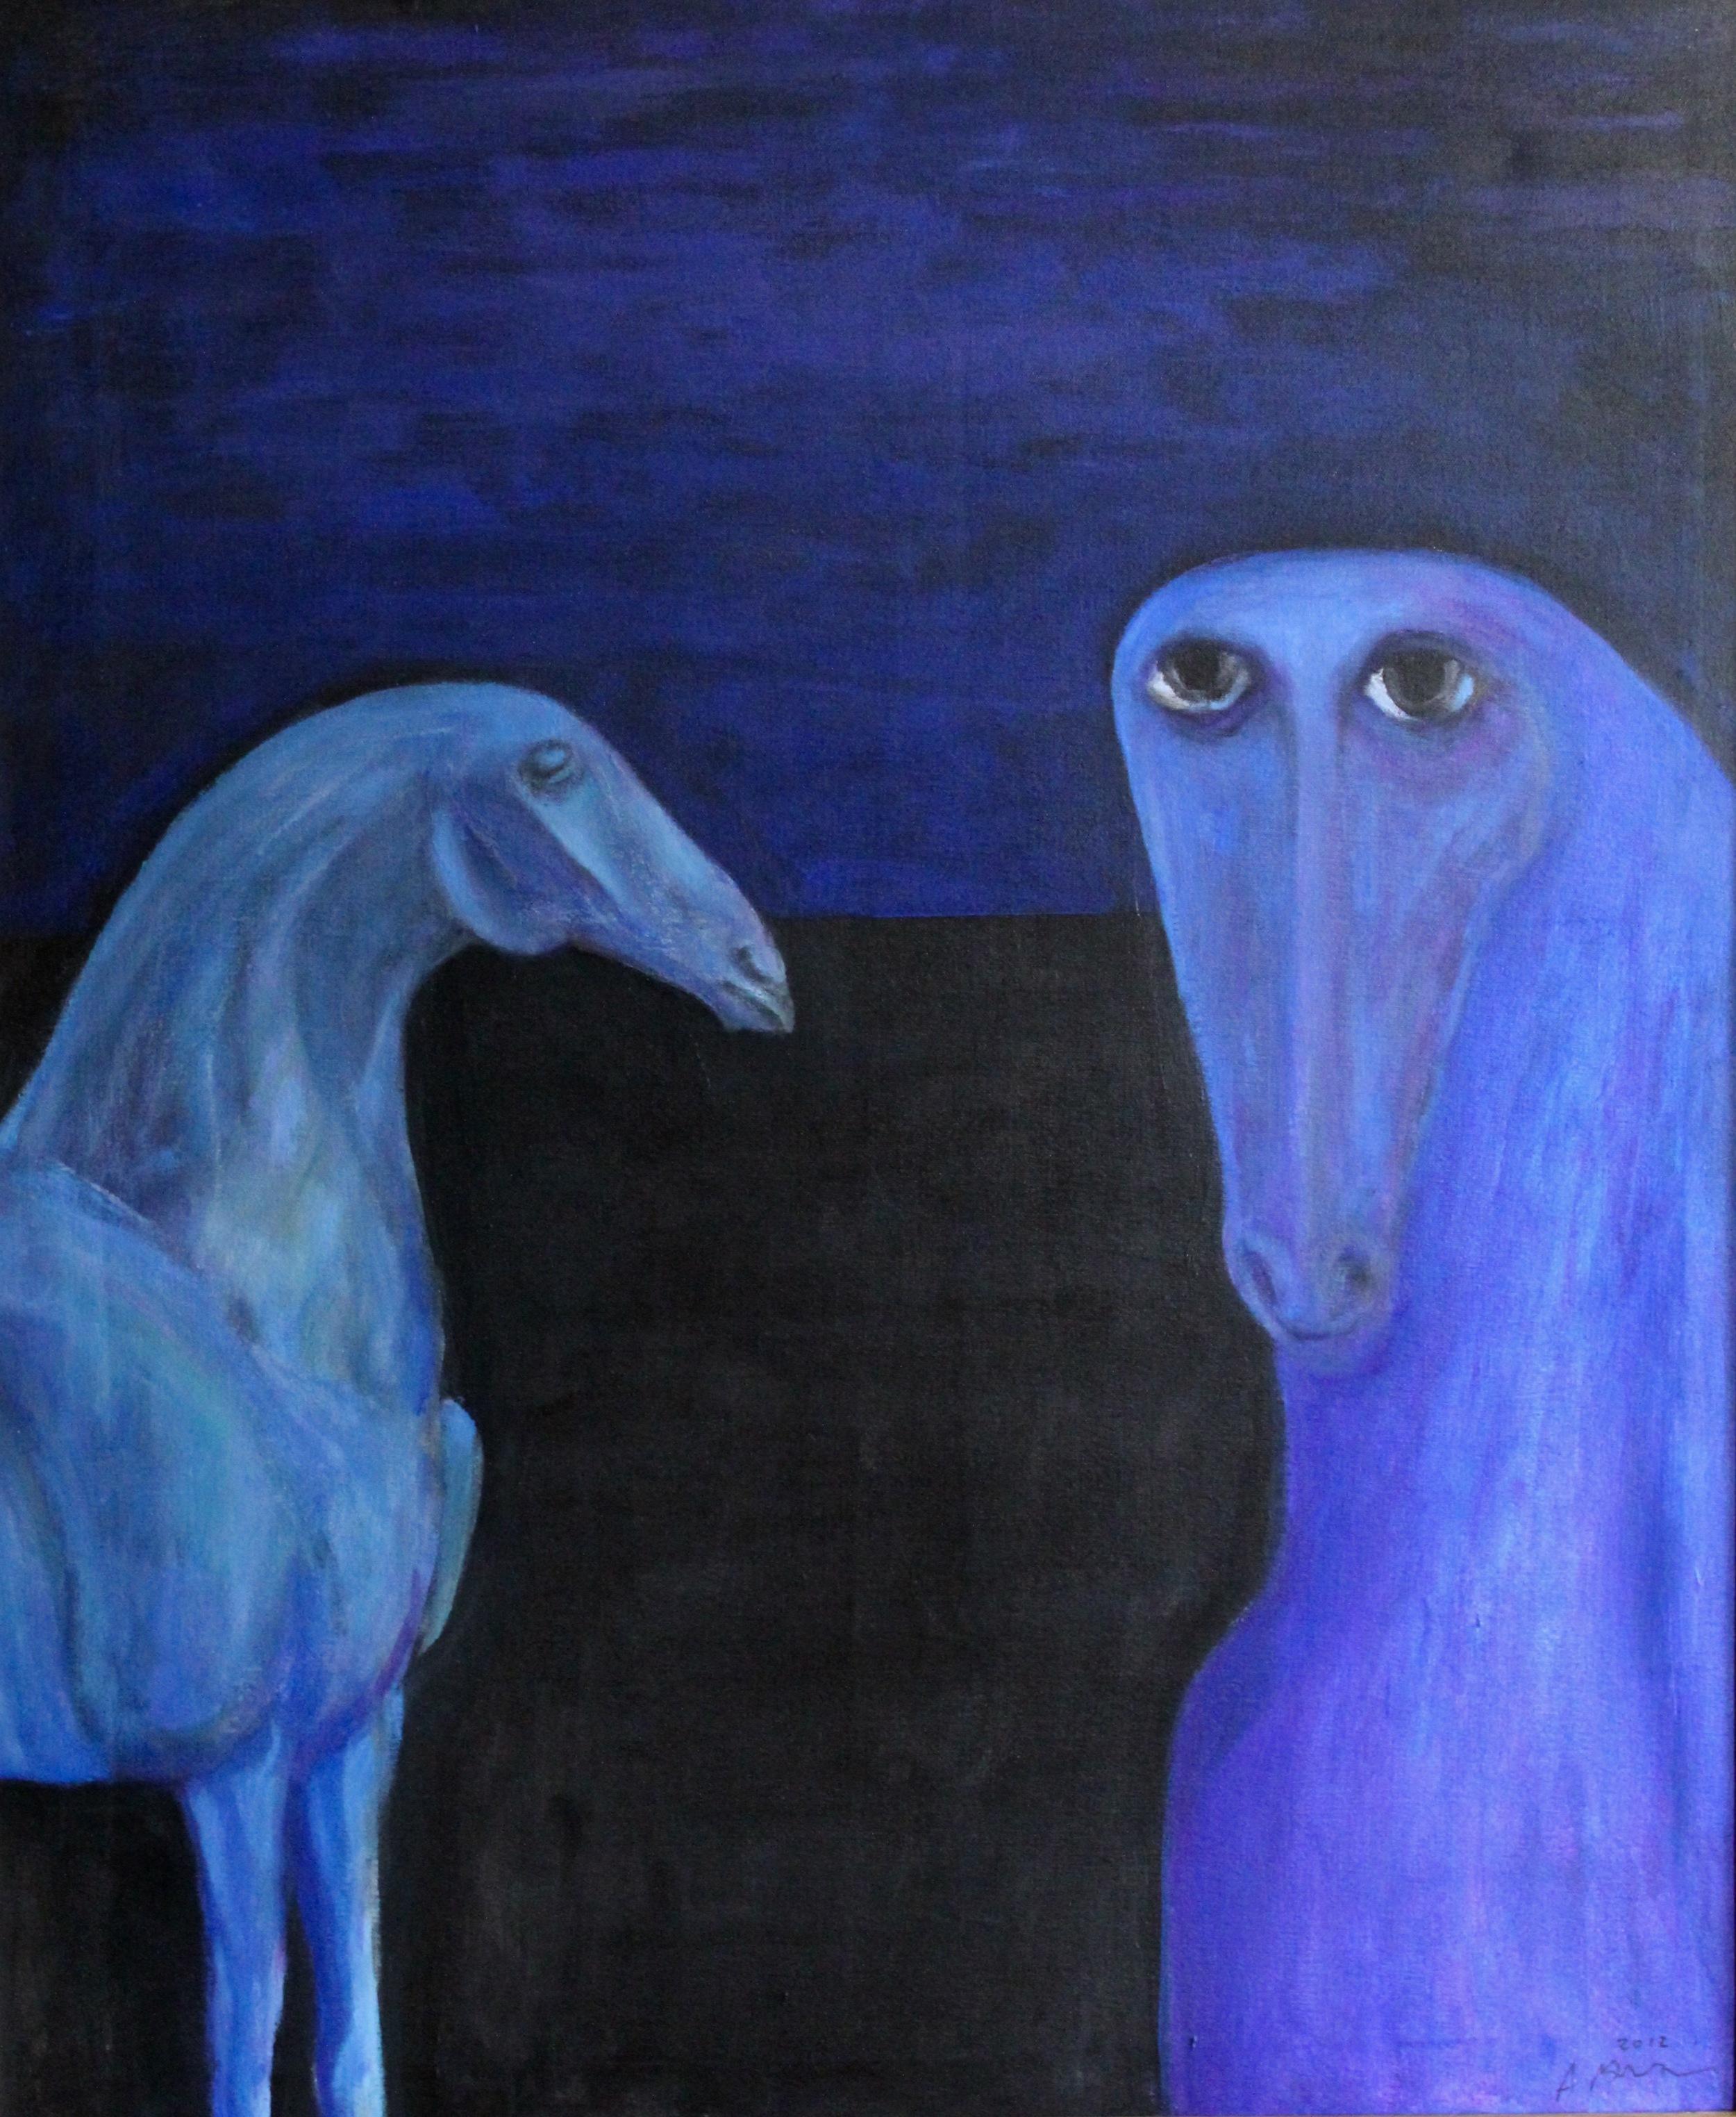 Ahmed Morsi, Silence, 2010, Acrylic on canvas, 92 x 77 cm.